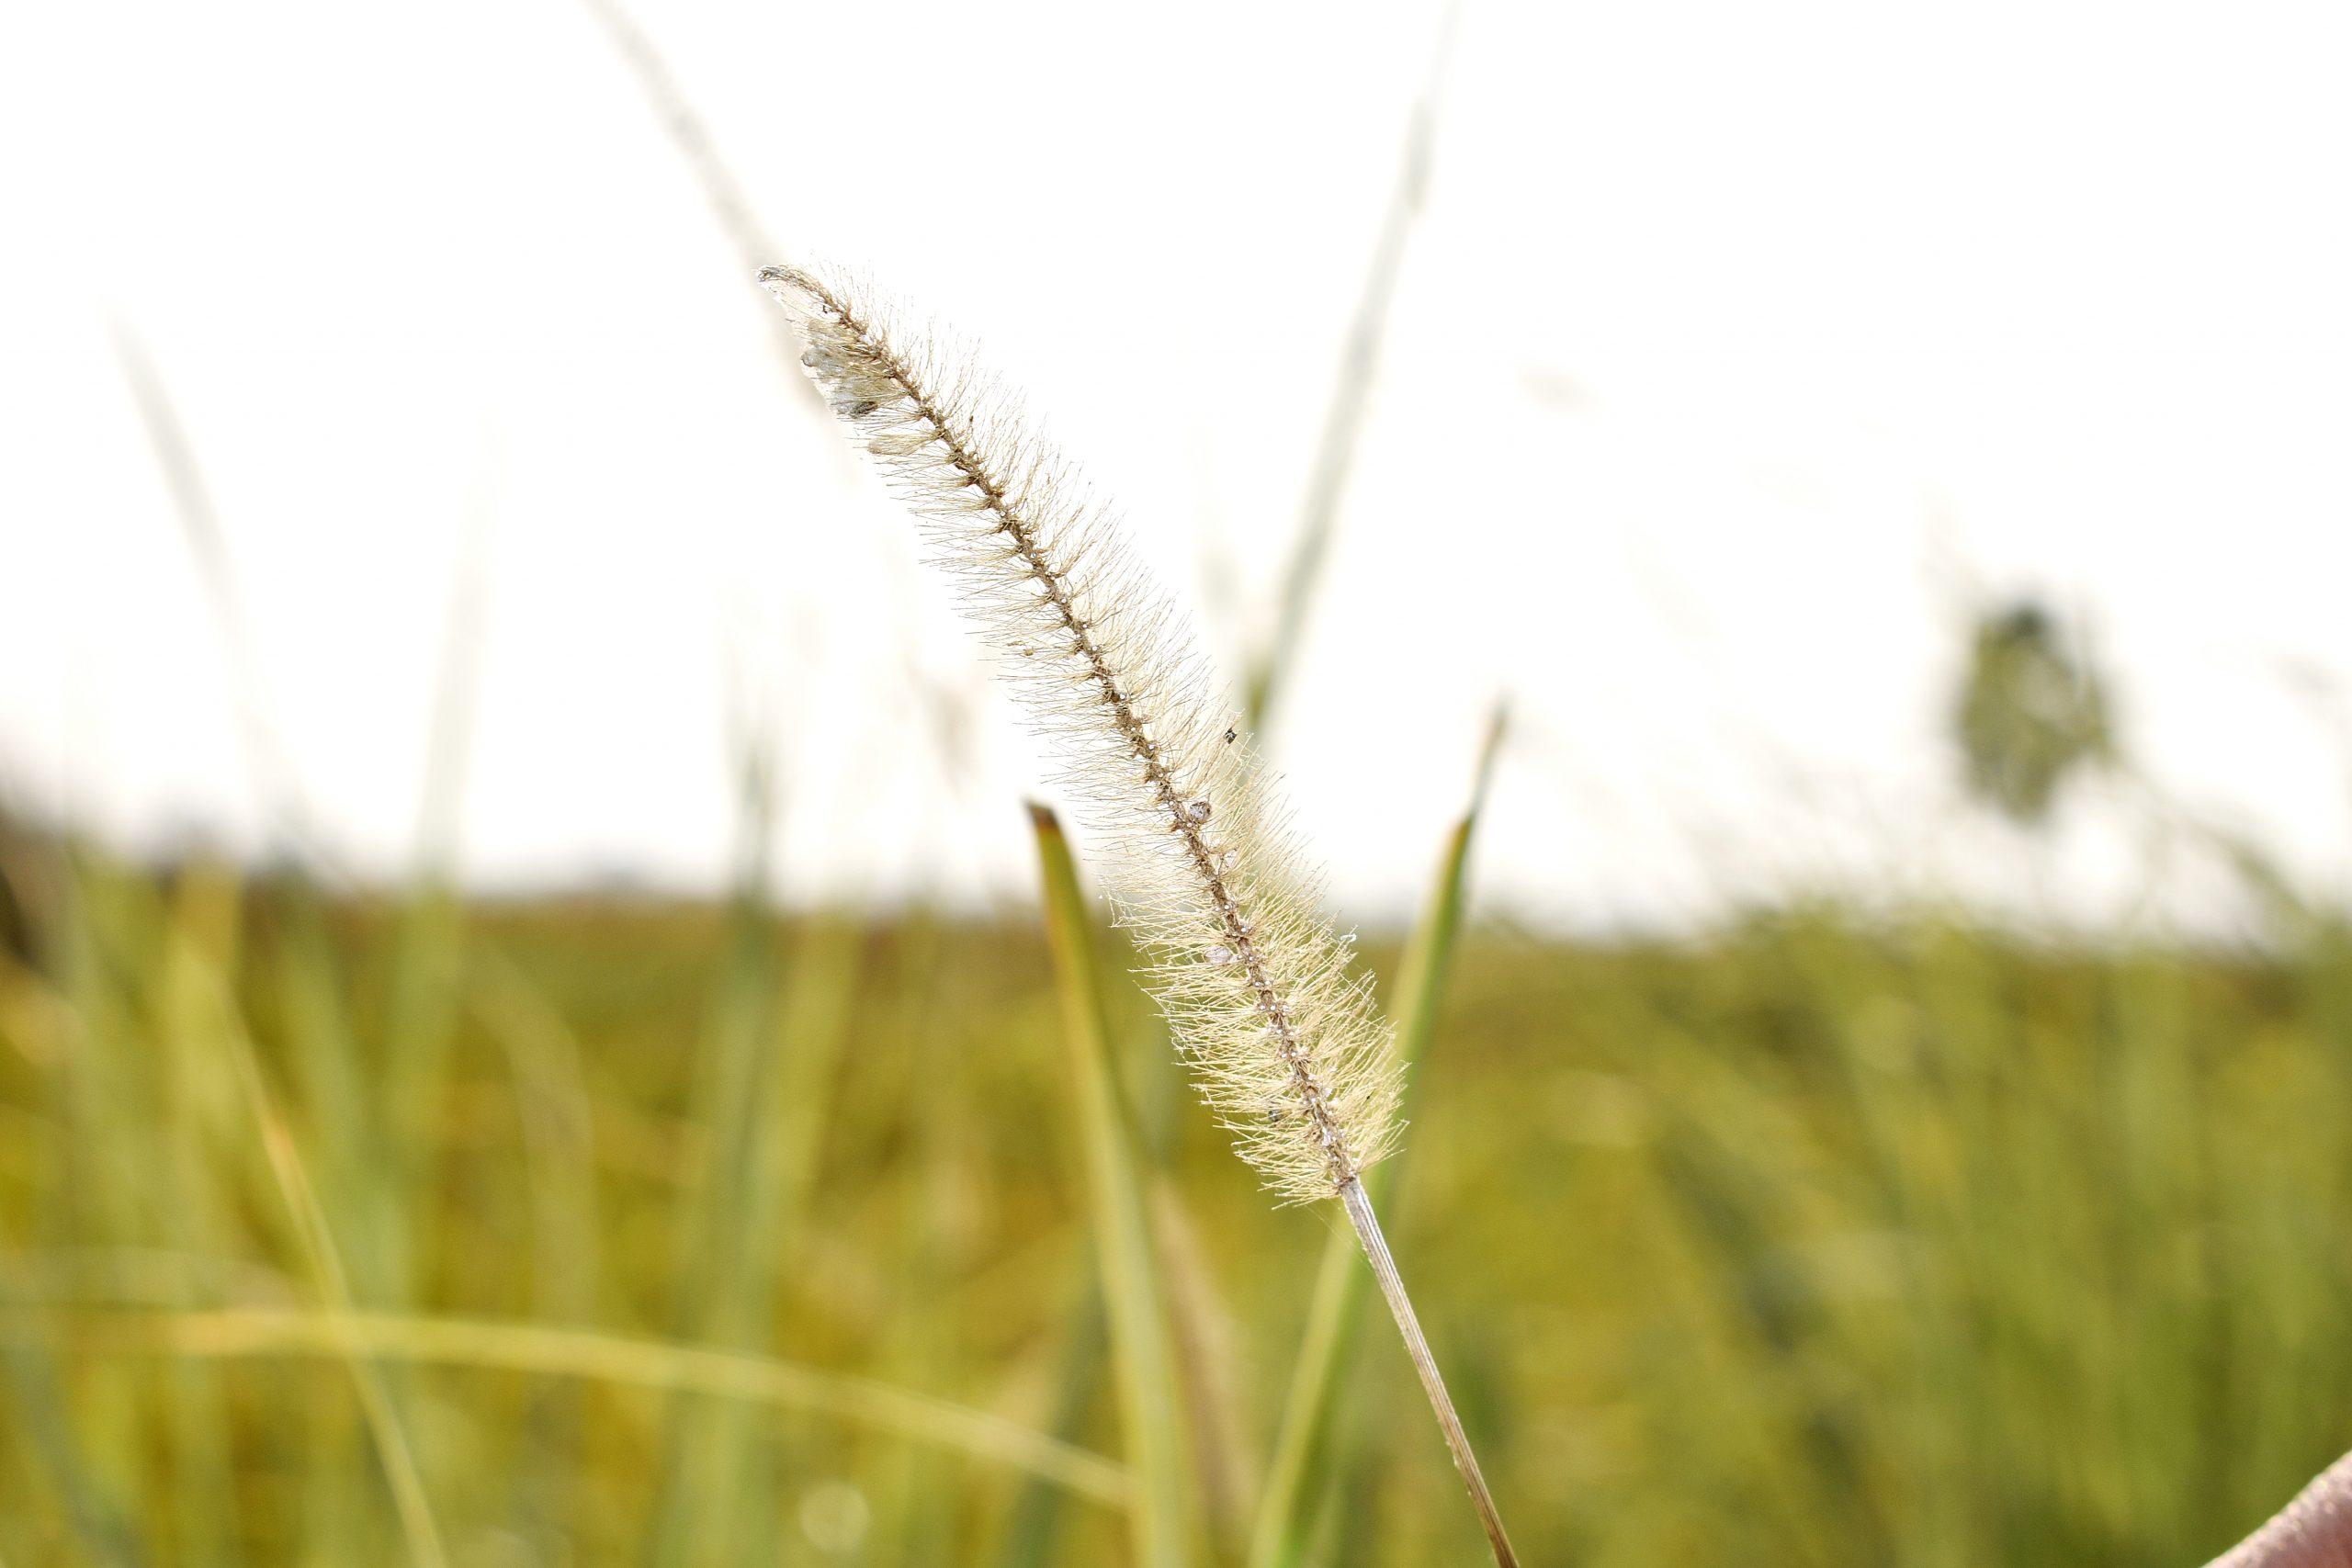 Macro view of plant